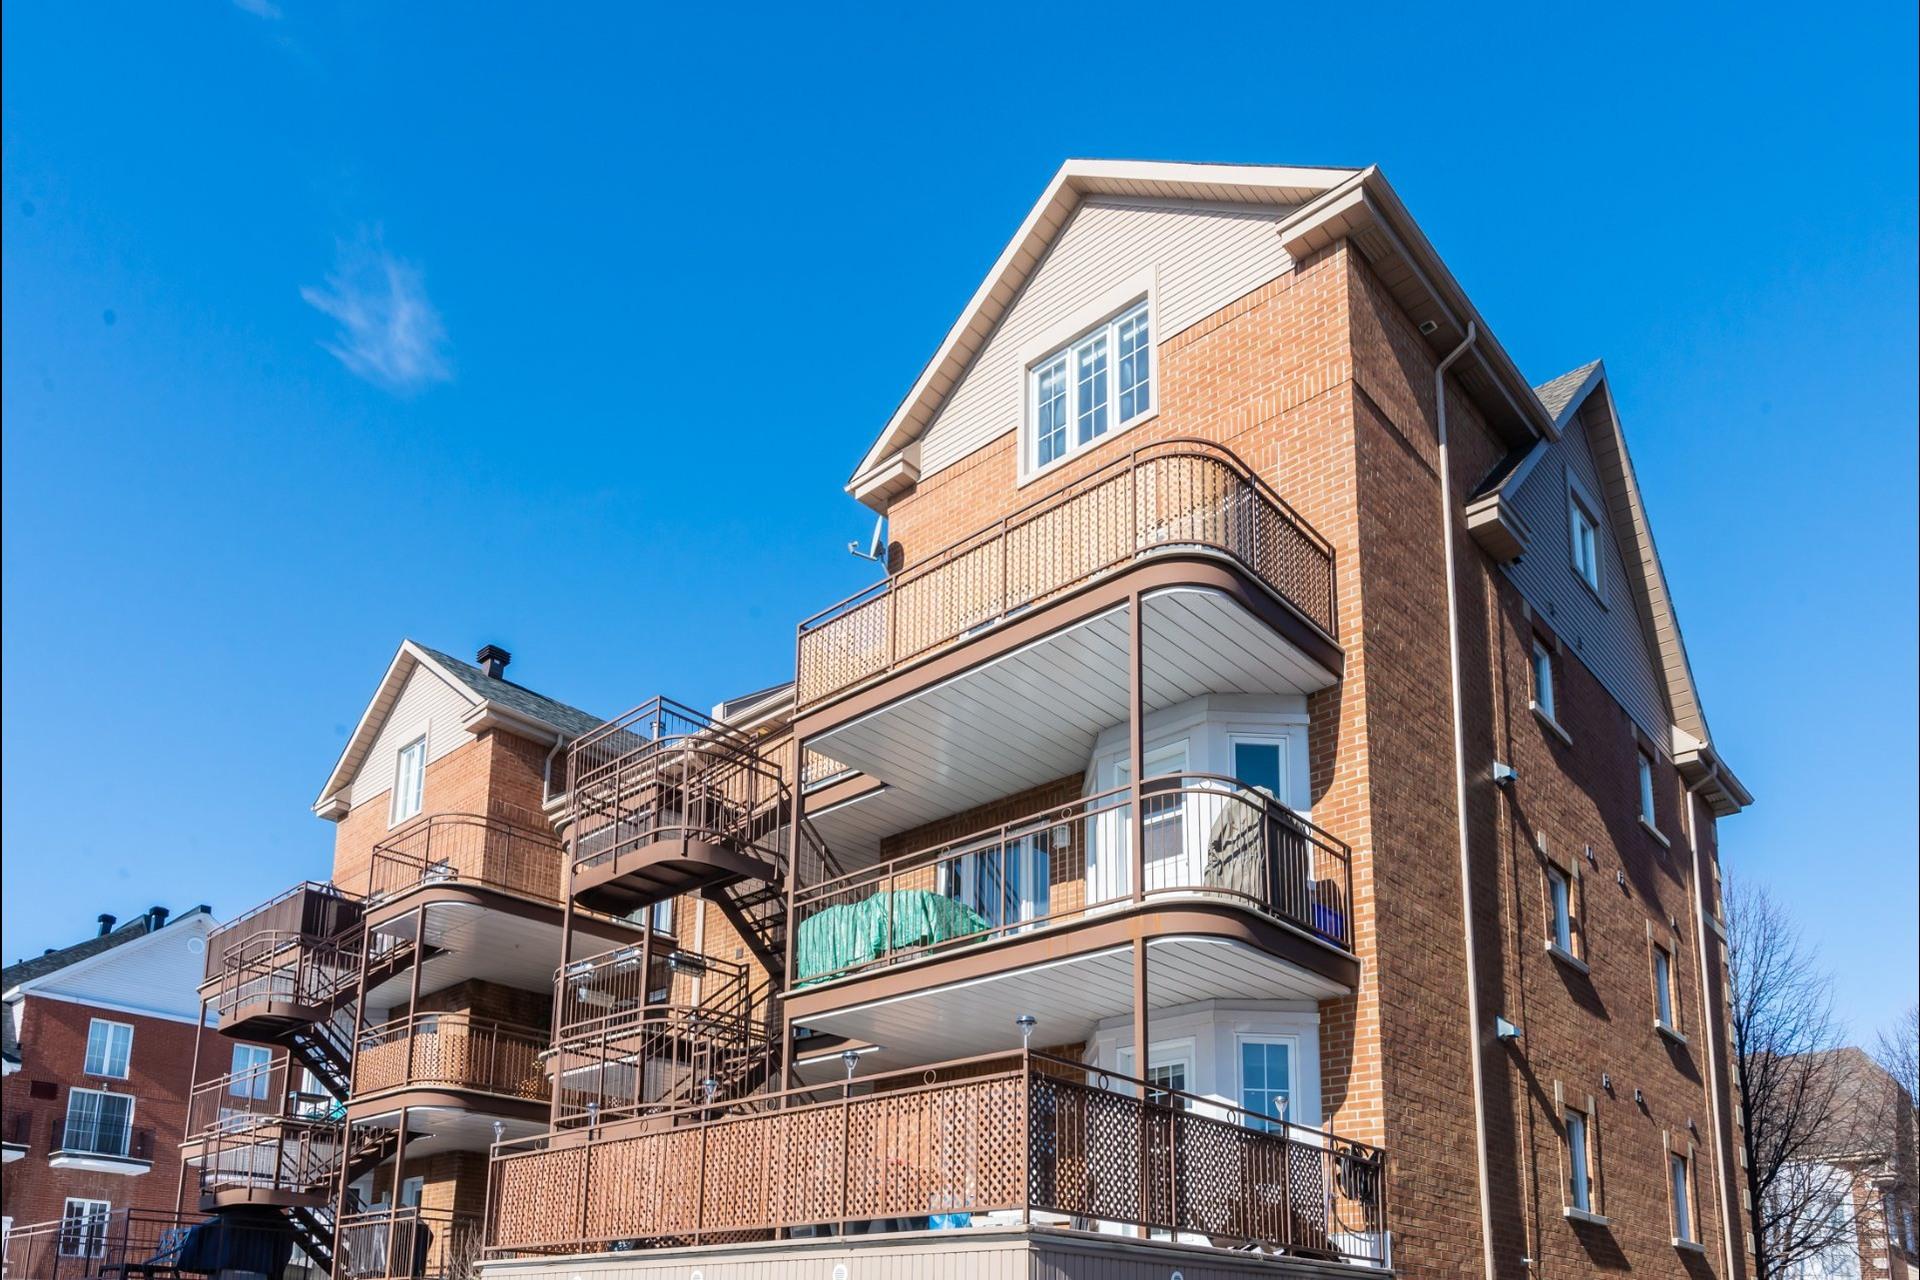 image 17 - Apartment For sale Saint-Laurent Montréal  - 4 rooms